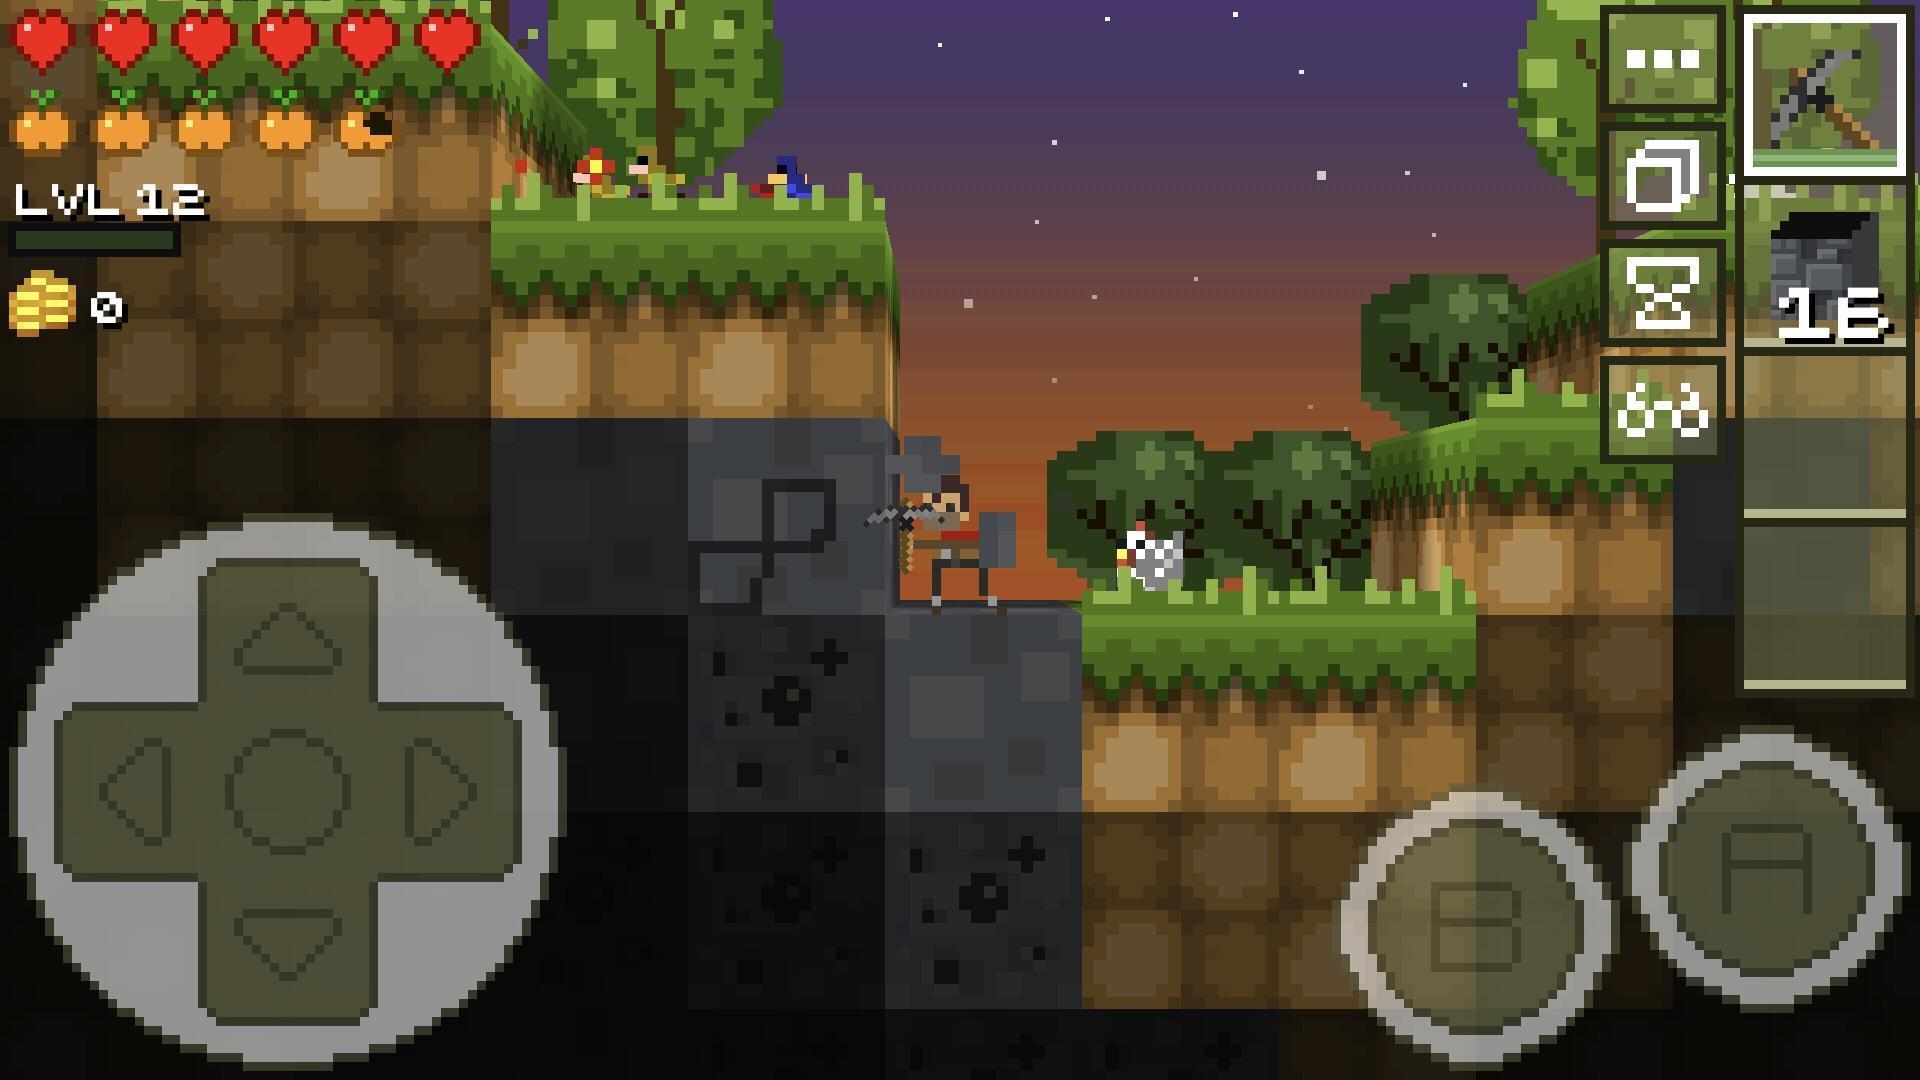 LostMiner Block Building & Craft Game v1.4.2a Screenshot 1